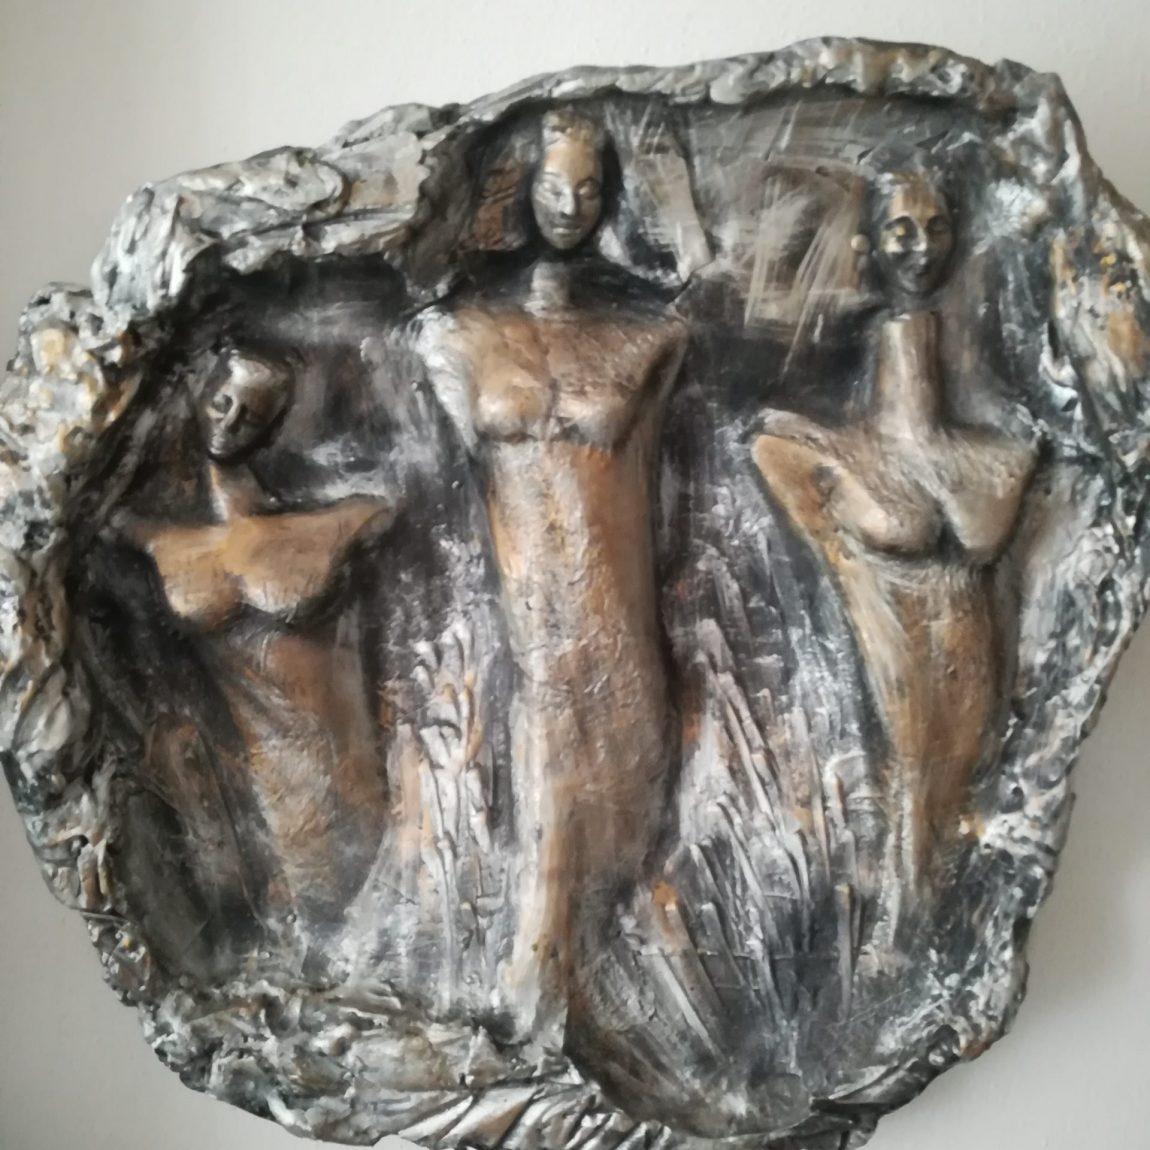 Sanatçı : Gülseren Dalbudak  -  Eser Adı: Vitrin Mankenleri  - Teknik: Alçı  - Ölçü: 65 x 70 cm-  Fiyat : 8.850  TL